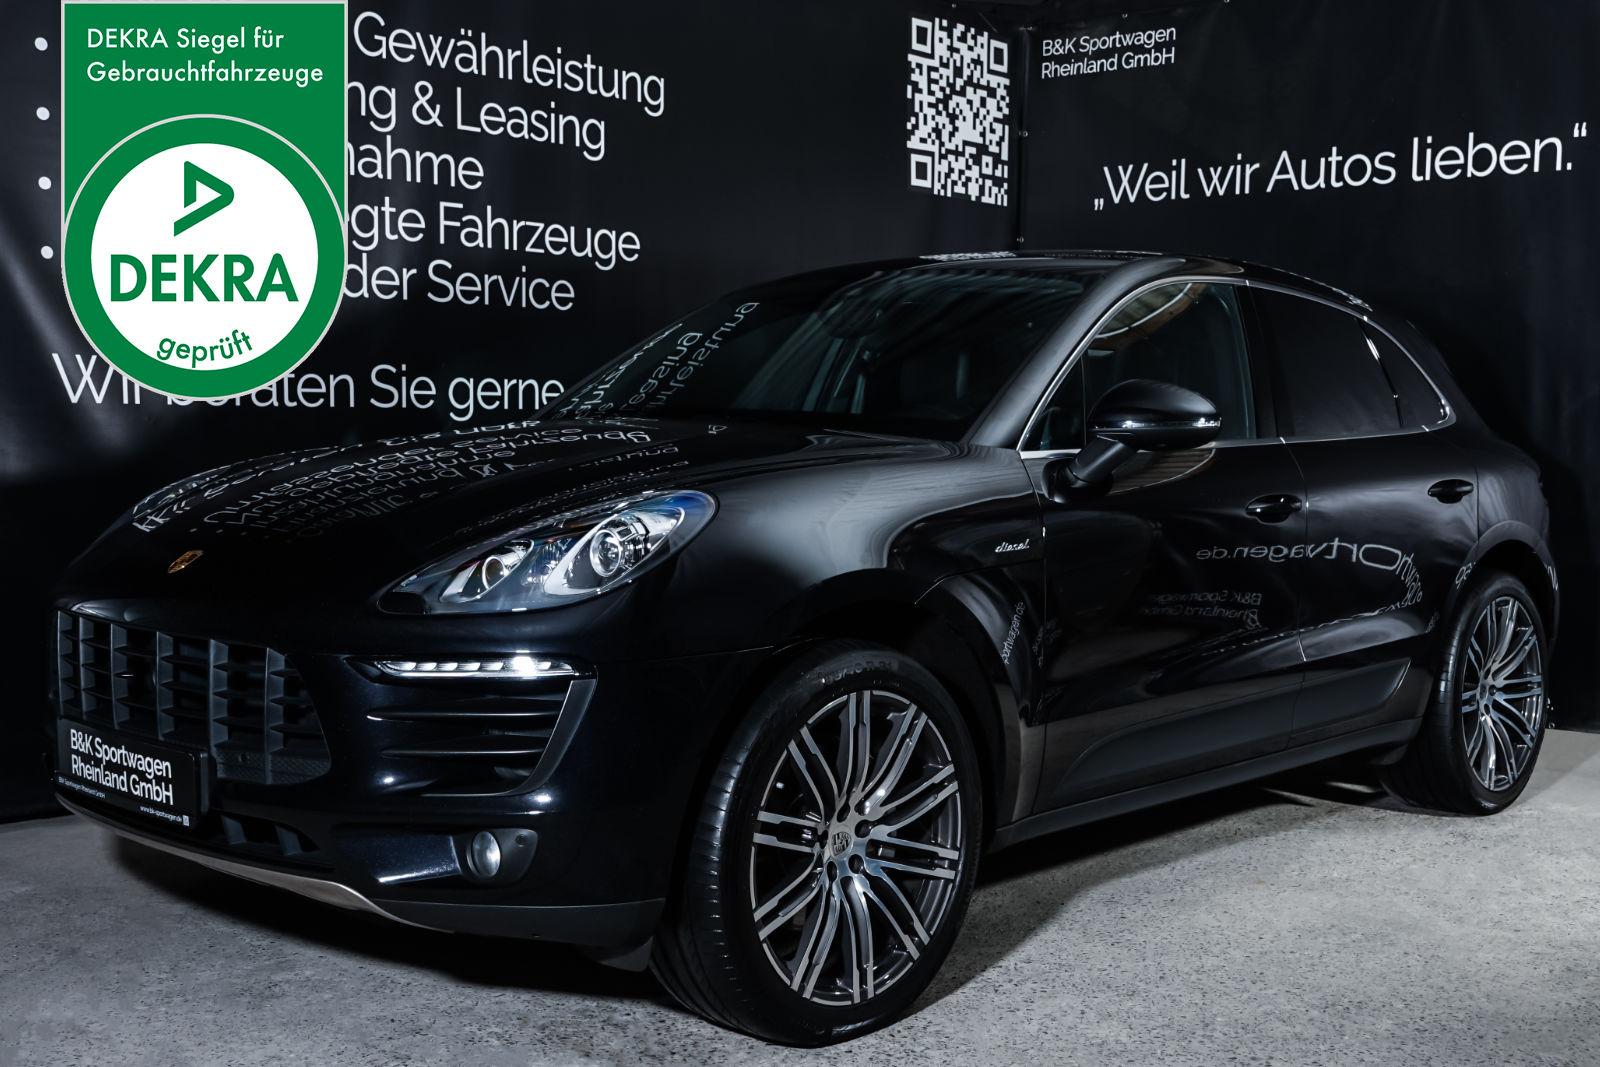 Porsche_Macan_S_Tiefschwarz_Schwarz_POR-1108_Plakette_w